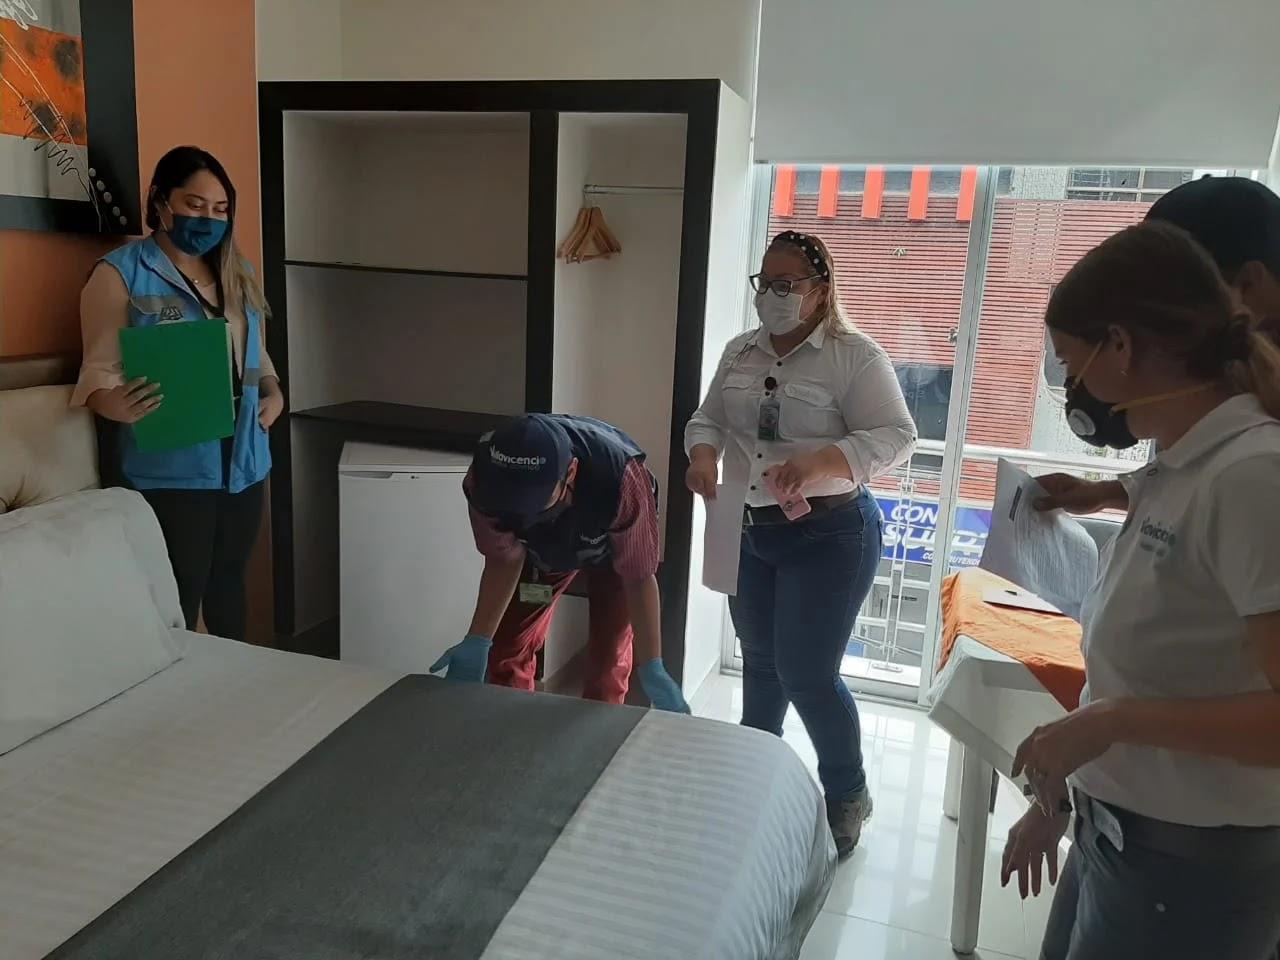 Durante la visita se verificó en los hoteles la disposición de estaciones de limpieza y desinfección de manos, medidas estrictas para la desinfección de habitaciones